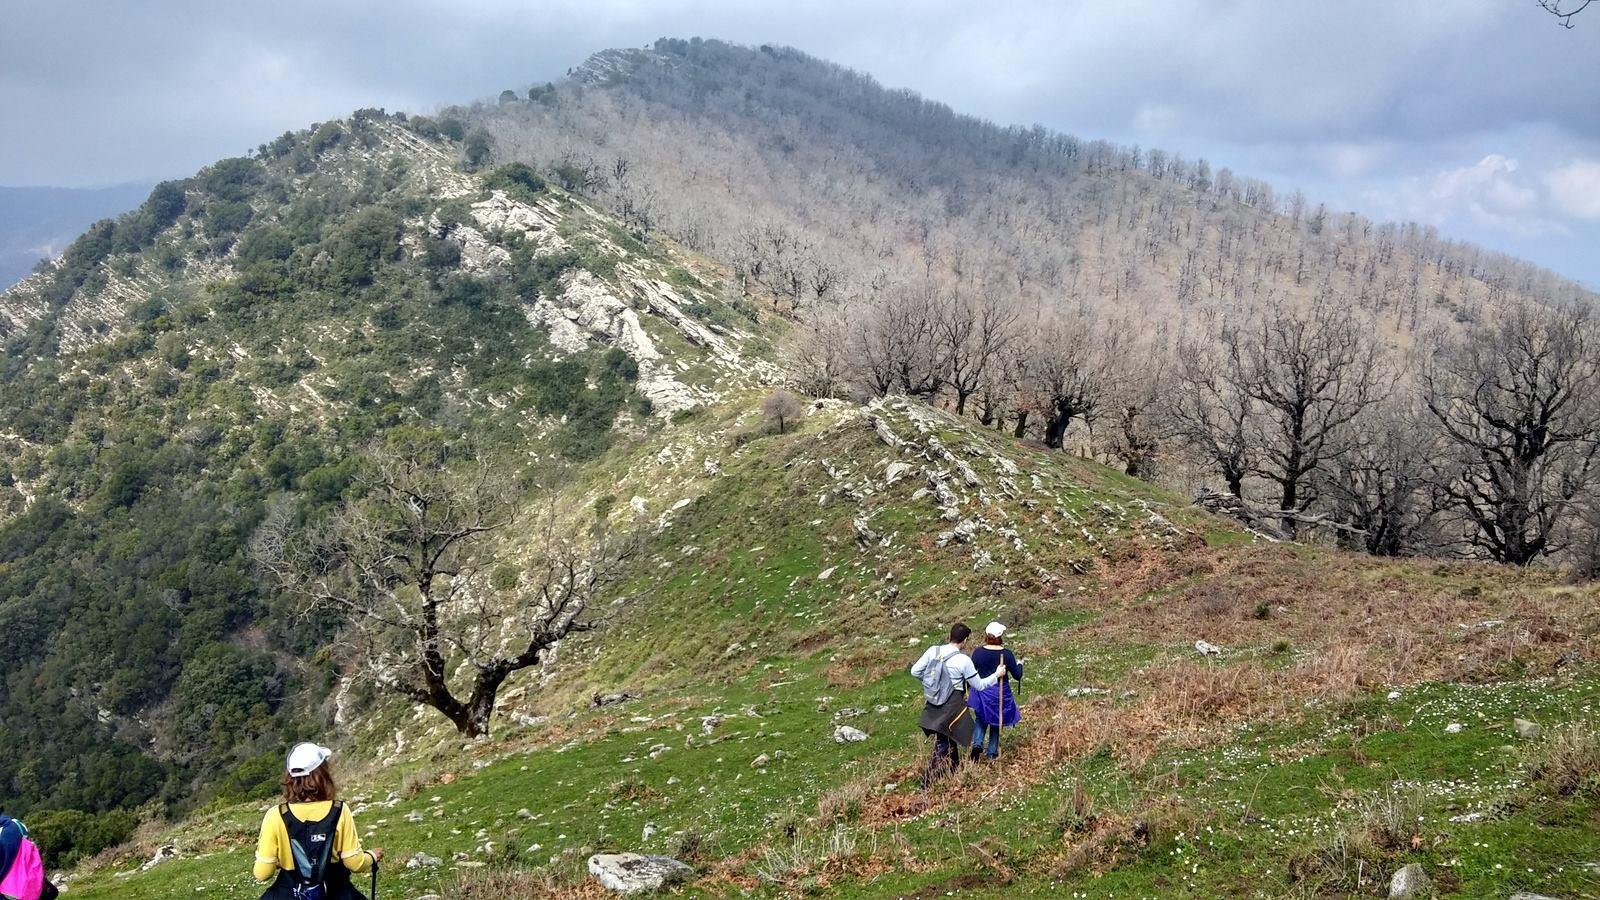 Αναβάλλεται για την επόμενη Κυριακή η πορεία του Ορειβατικού Συλλόγου Μεσολογγίου